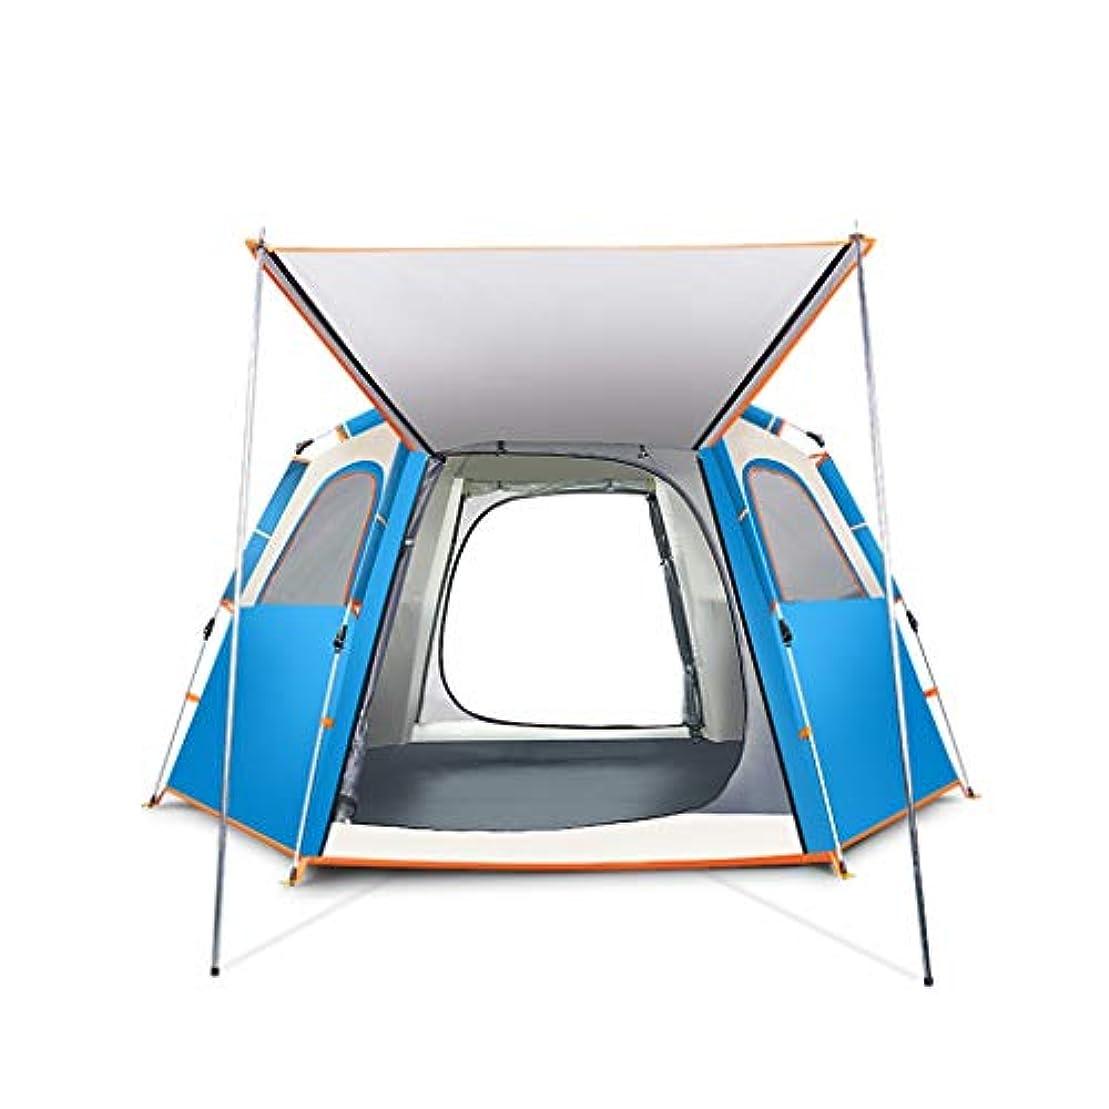 世界軽蔑する感染するテント テント屋外自動テントキャンプキャンプ防雨家族旅行折りたたみテント3-4人サイズ(240 * 210 * 140 cm)ブルー